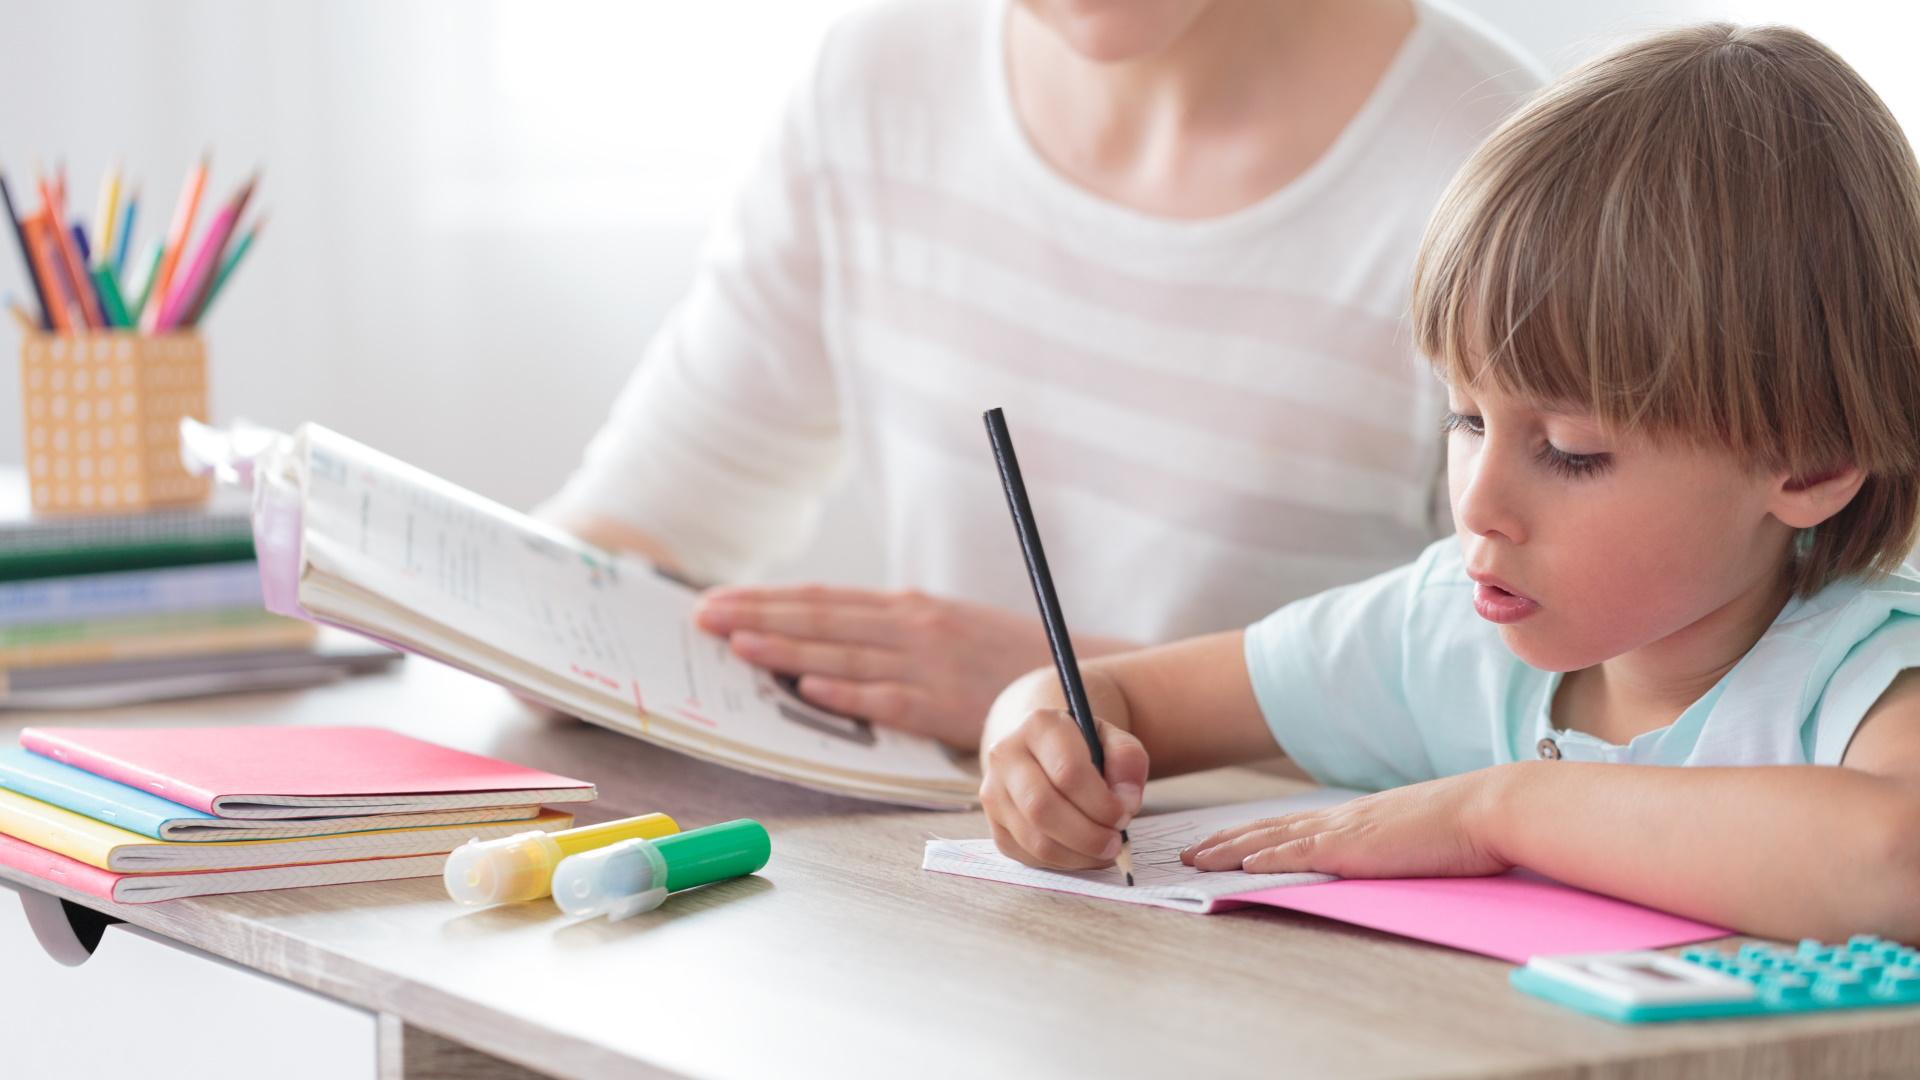 Vignette de la formation : Comprendre et traiter les troubles du neuro-développement de l'enfant